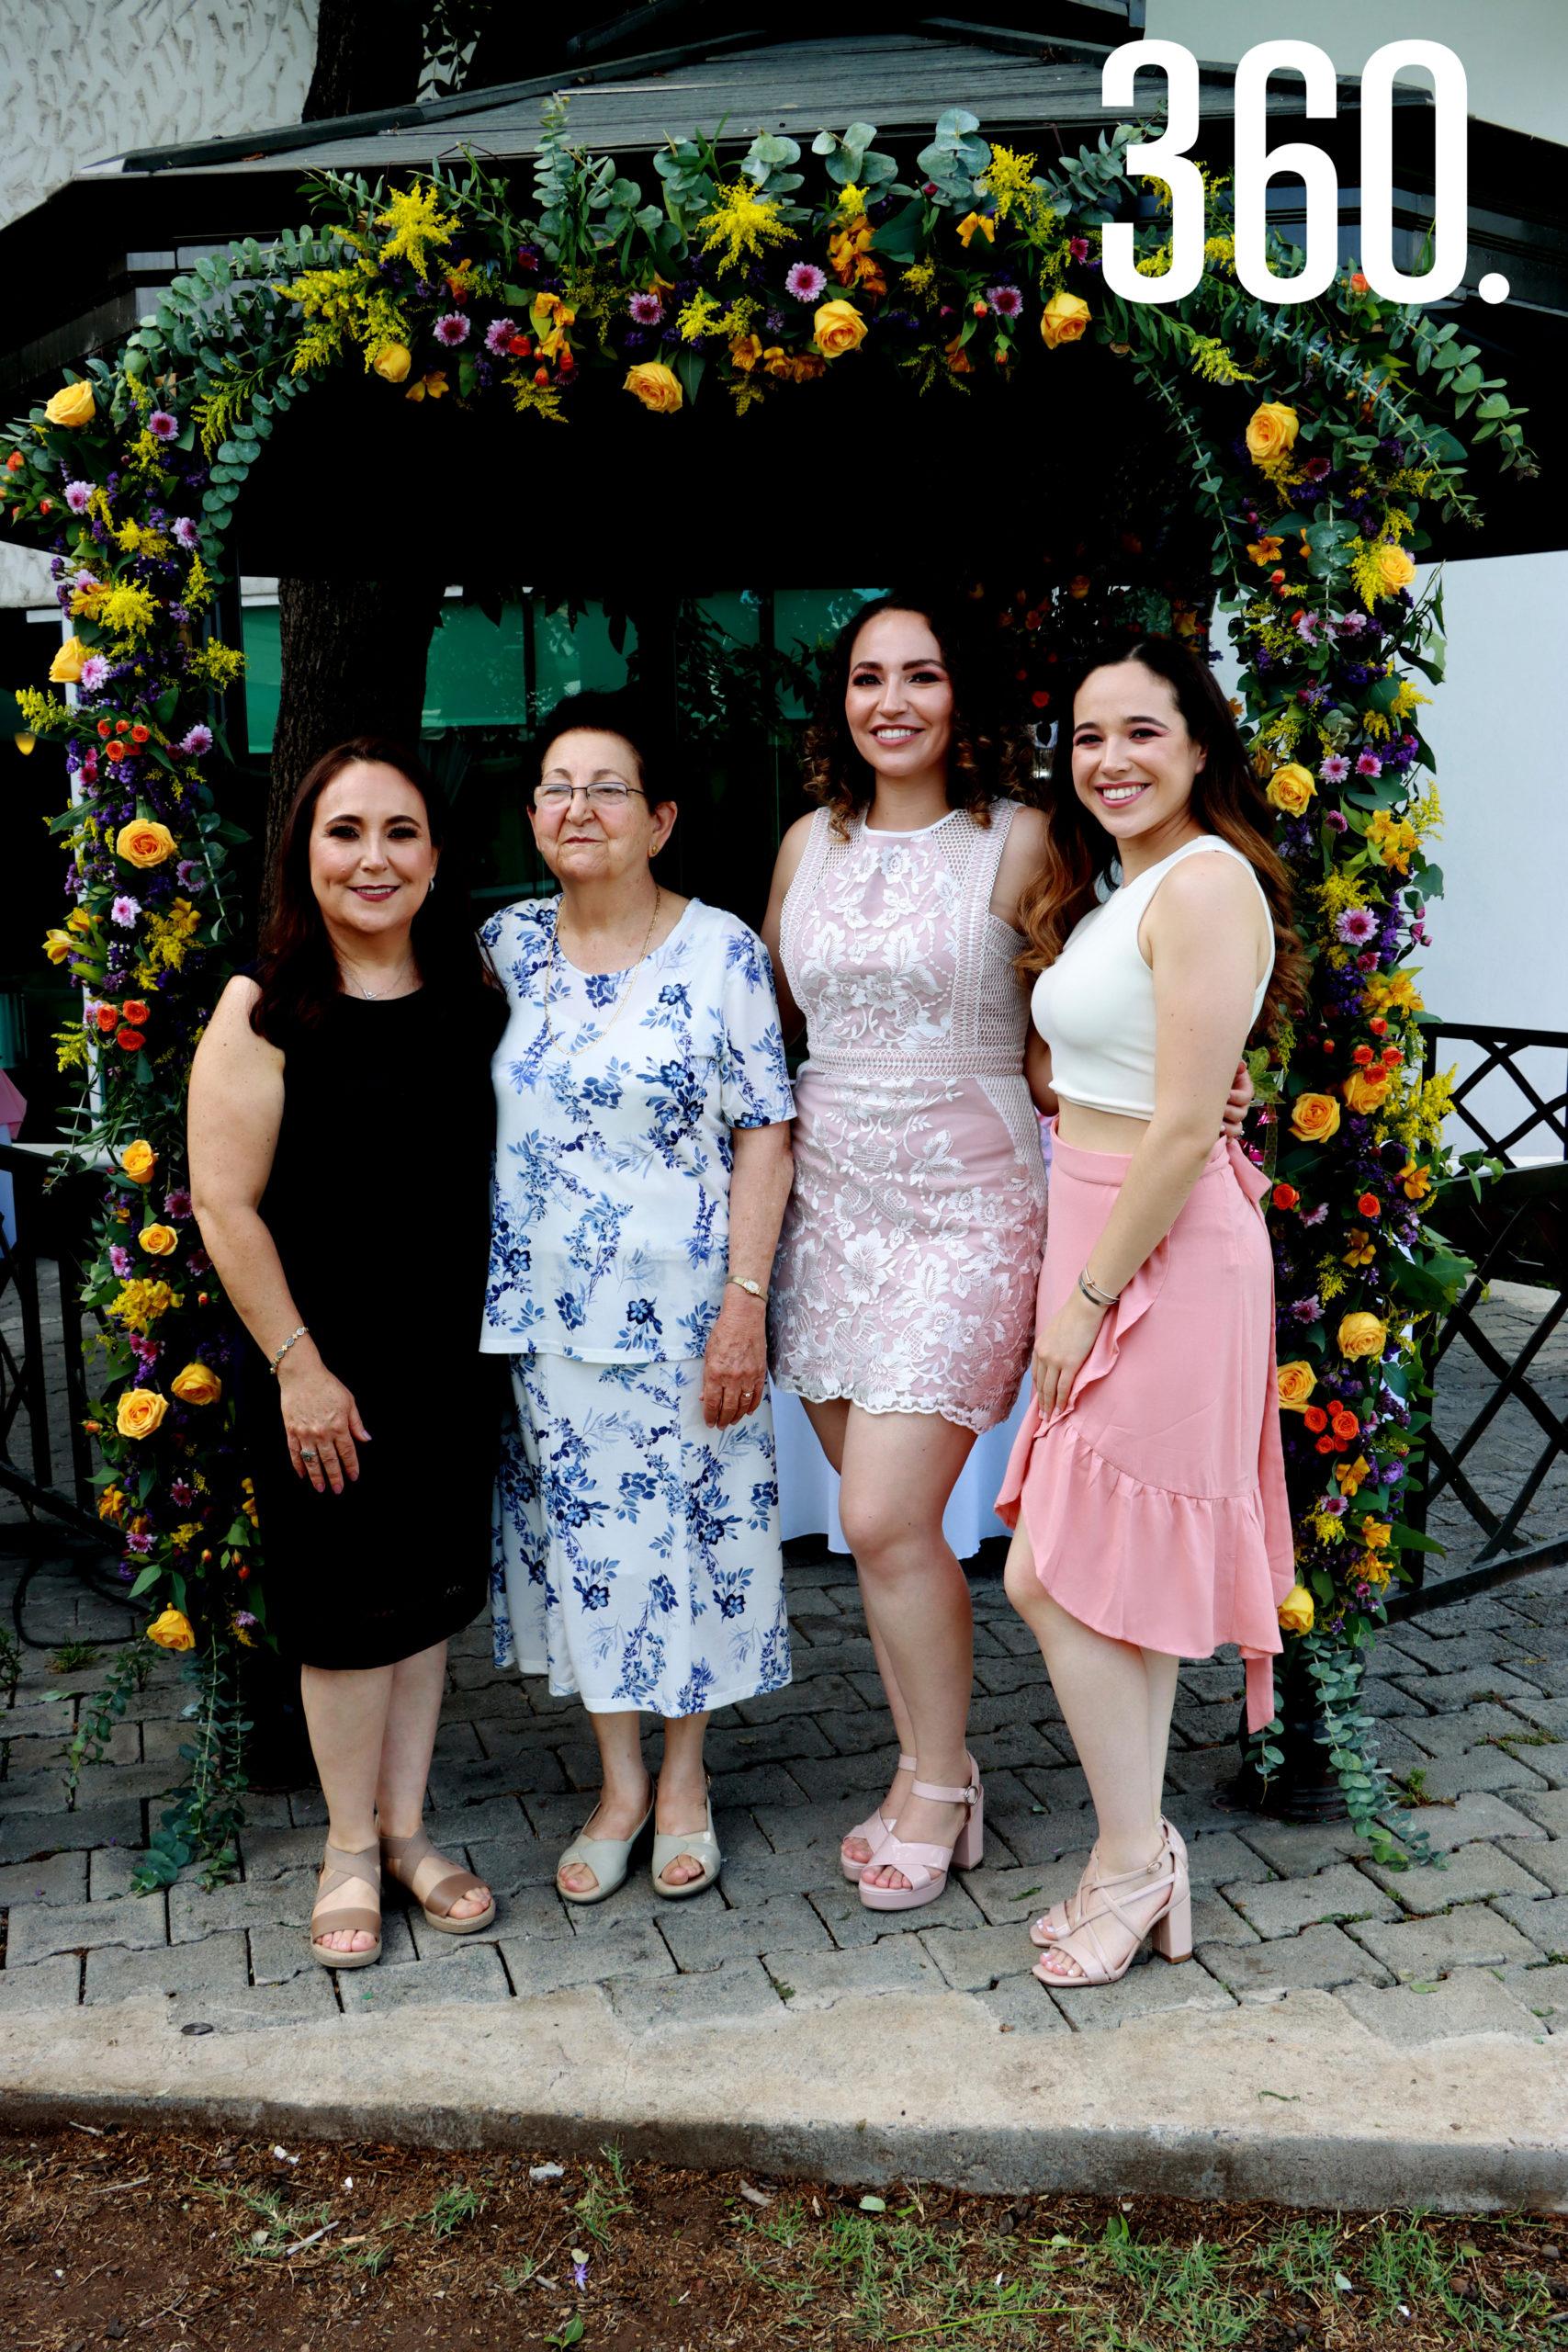 María Luisa Ramos, María Luisa Abugarade, Ana Cecilia y Sofía Romero.